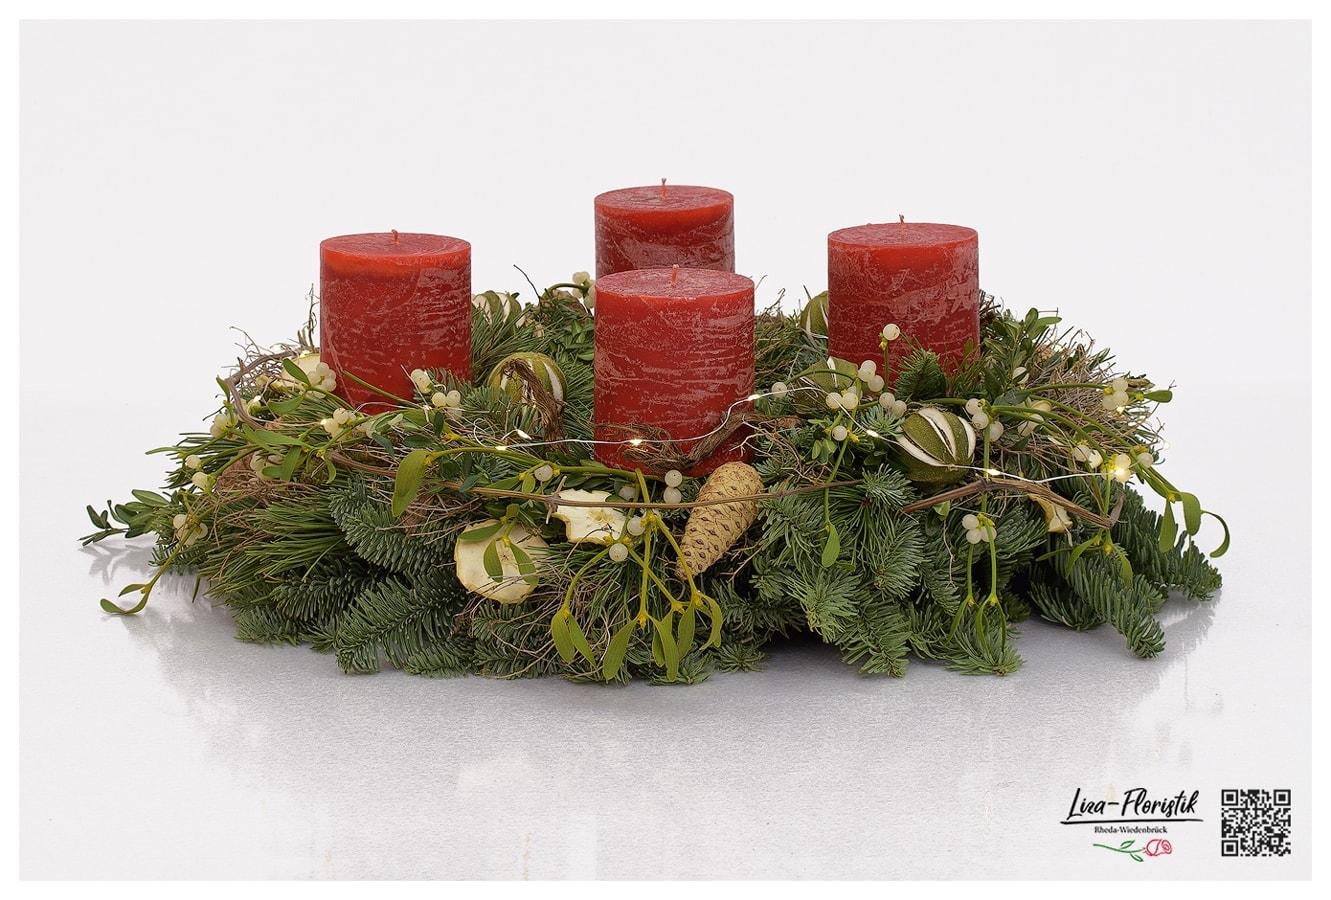 Advent - Adventskranz mit Nordmannstanne, Pinienzapfen, Misteln, Limette, getrockneten Zitronenscheiben, LED und roten Kerzen